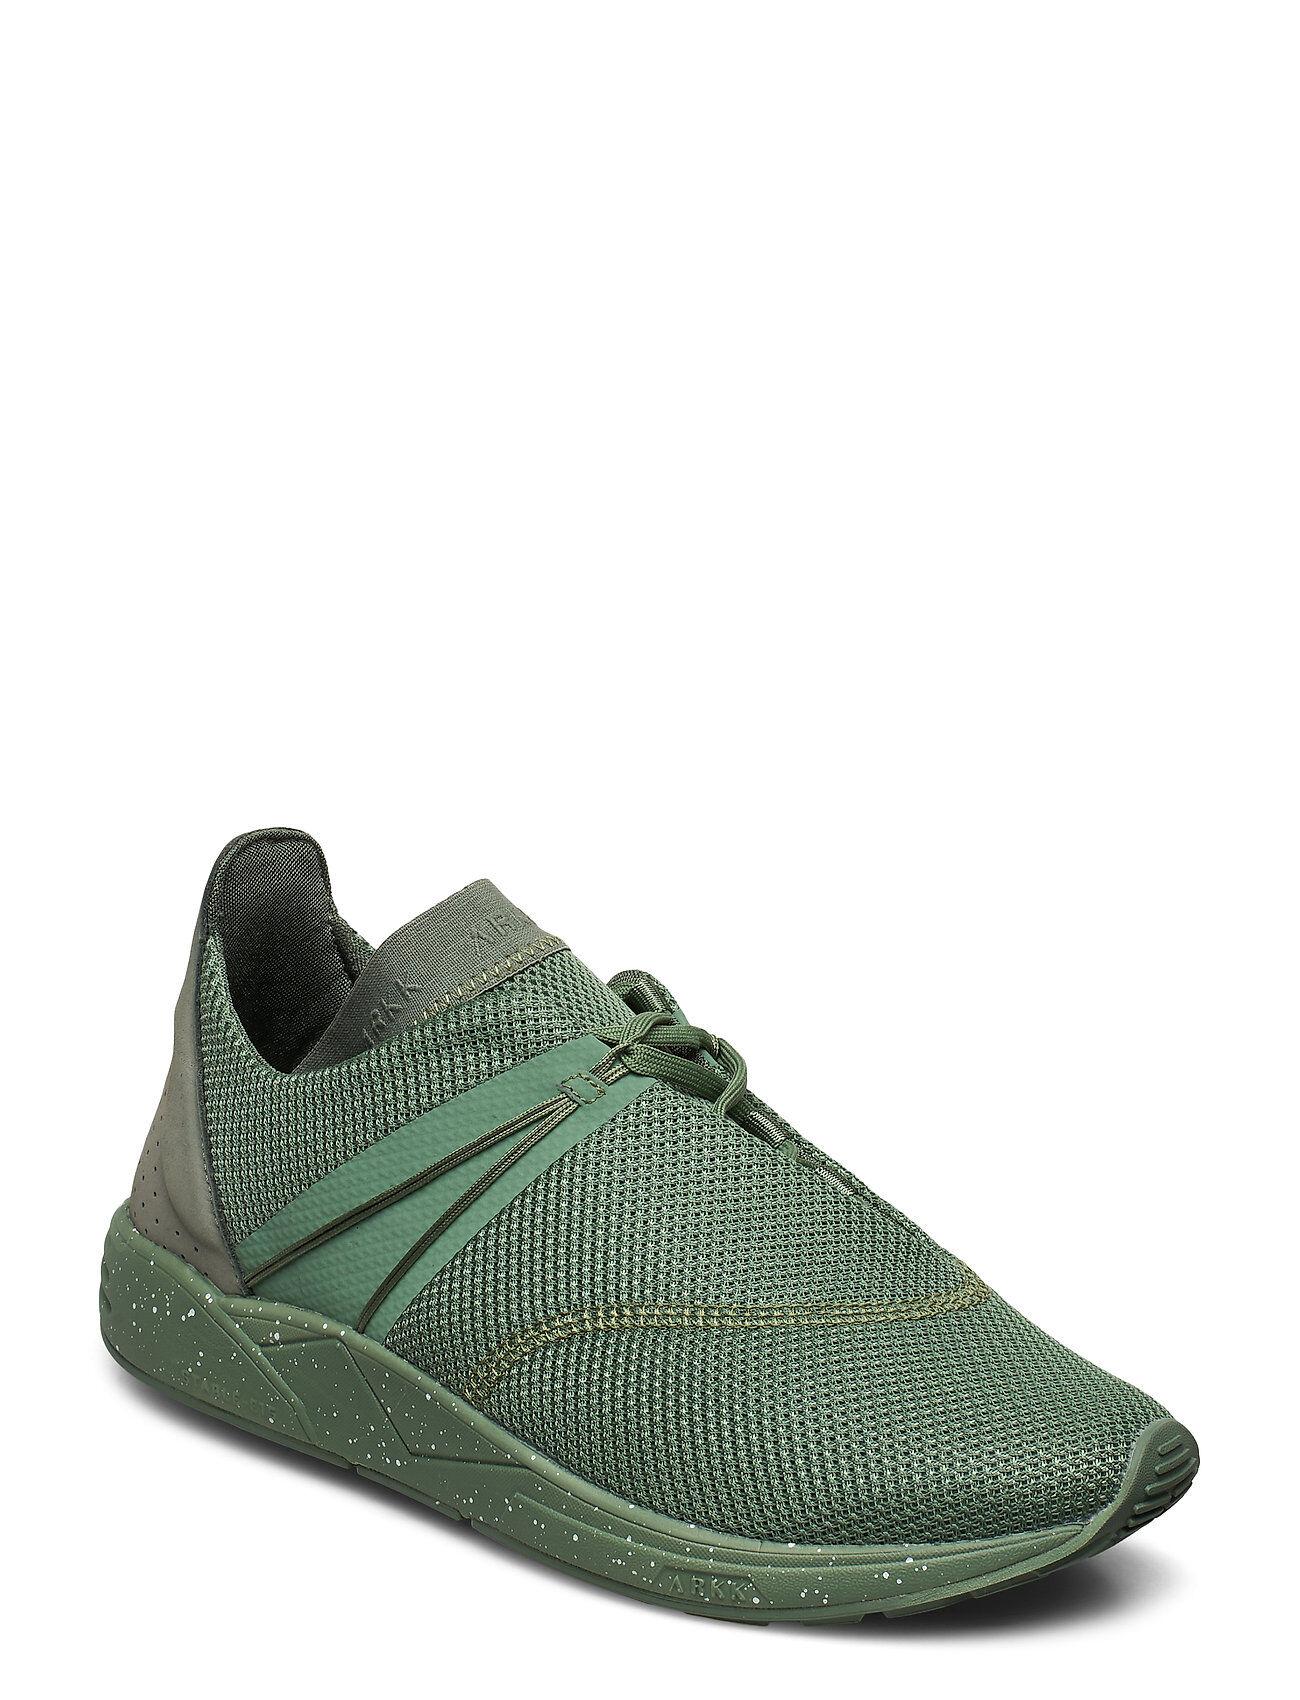 ARKK Copenhagen Eaglezero Mesh S-E15 Sage Green Spray Matalavartiset Sneakerit Tennarit Vihreä ARKK Copenhagen